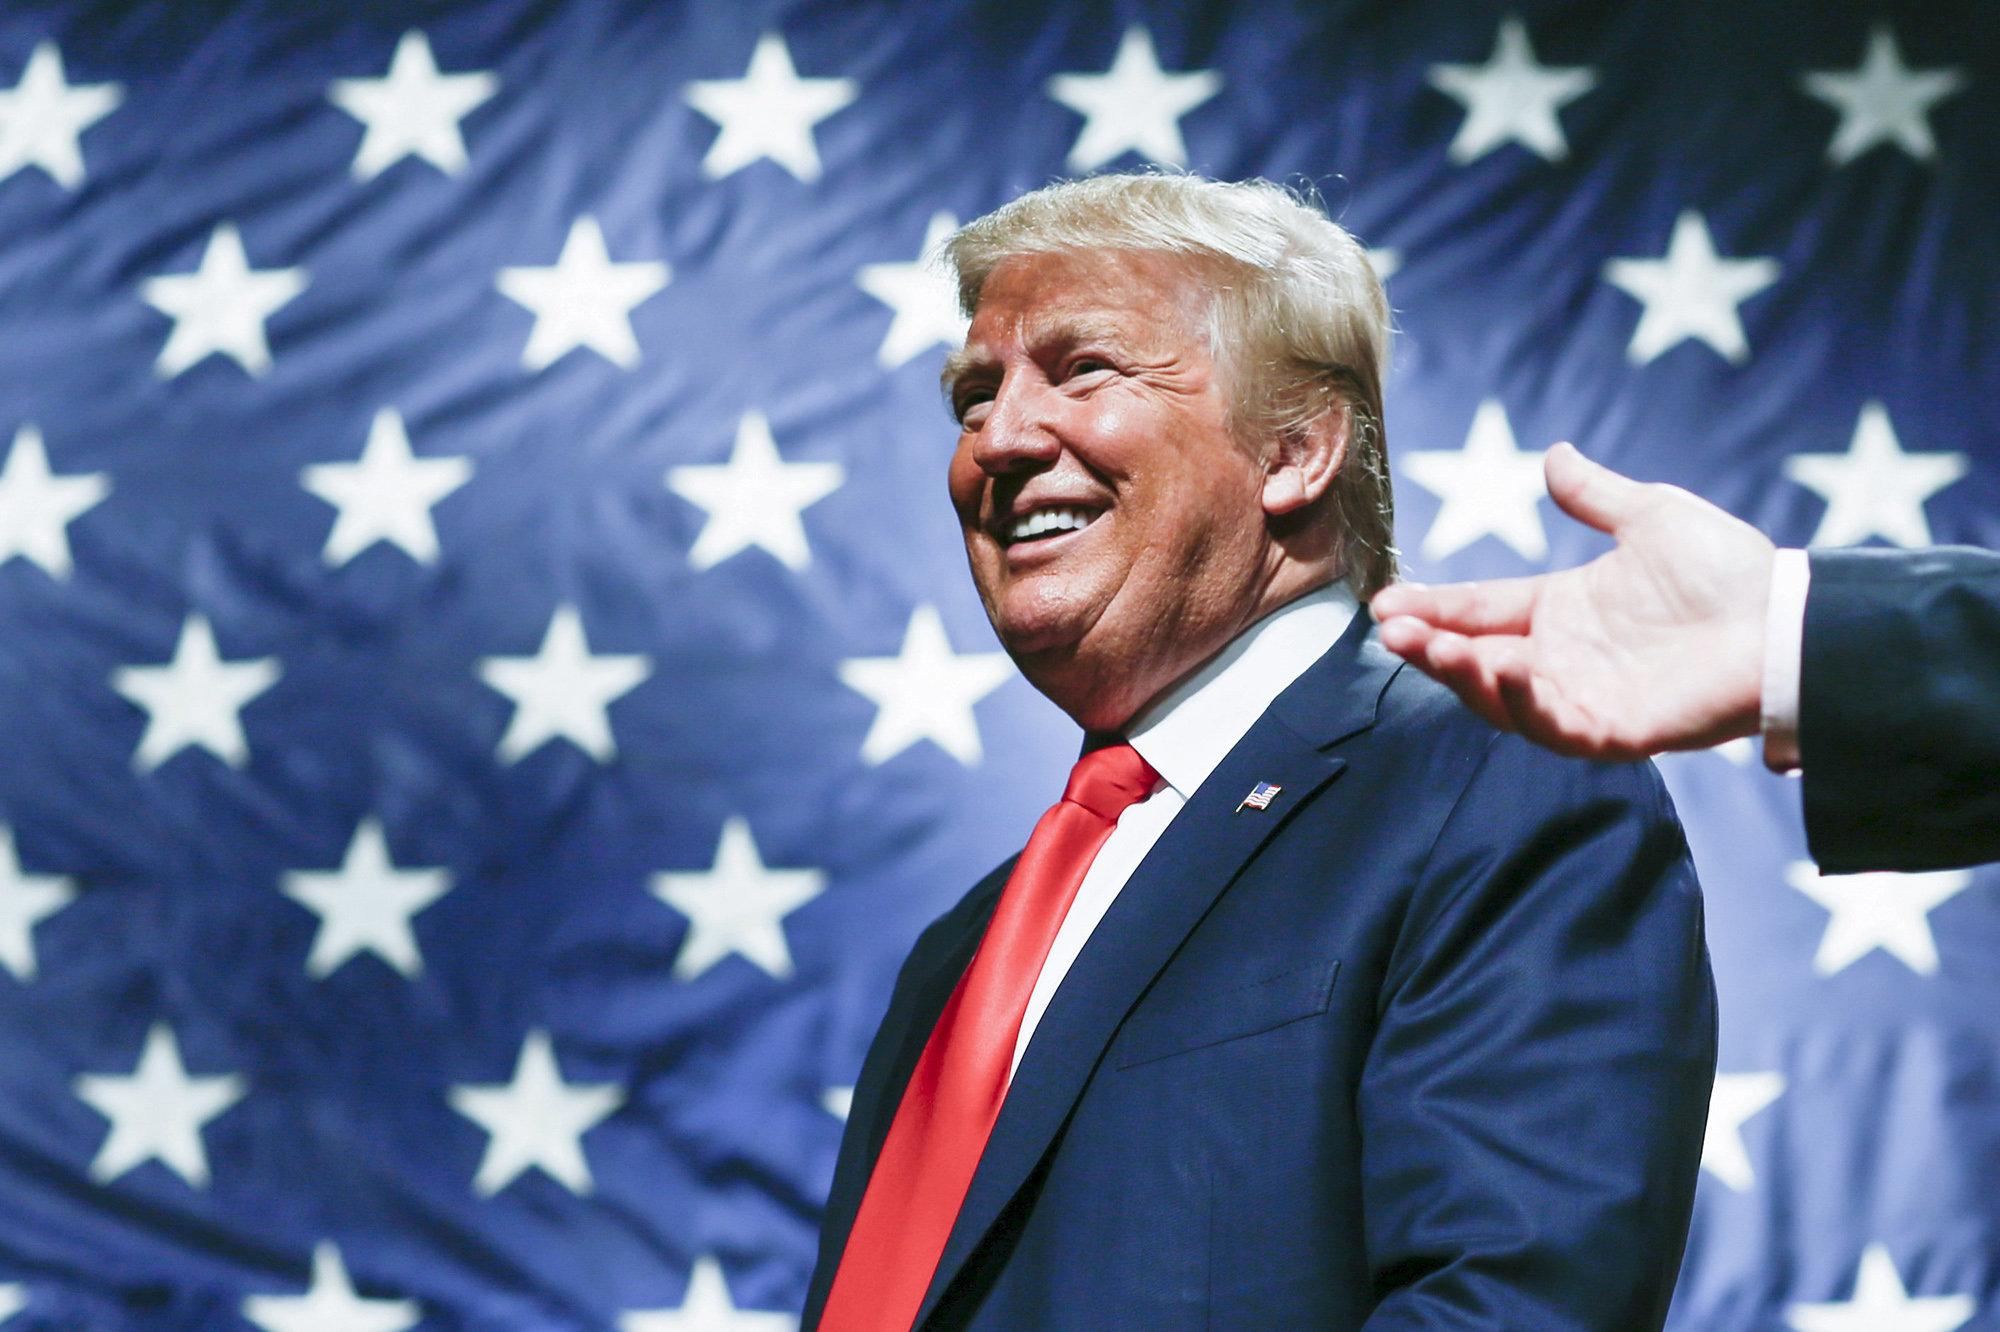 Выборы в США: внешнеполитический лозунг Дональда Трампа — «Америка прежде всего»